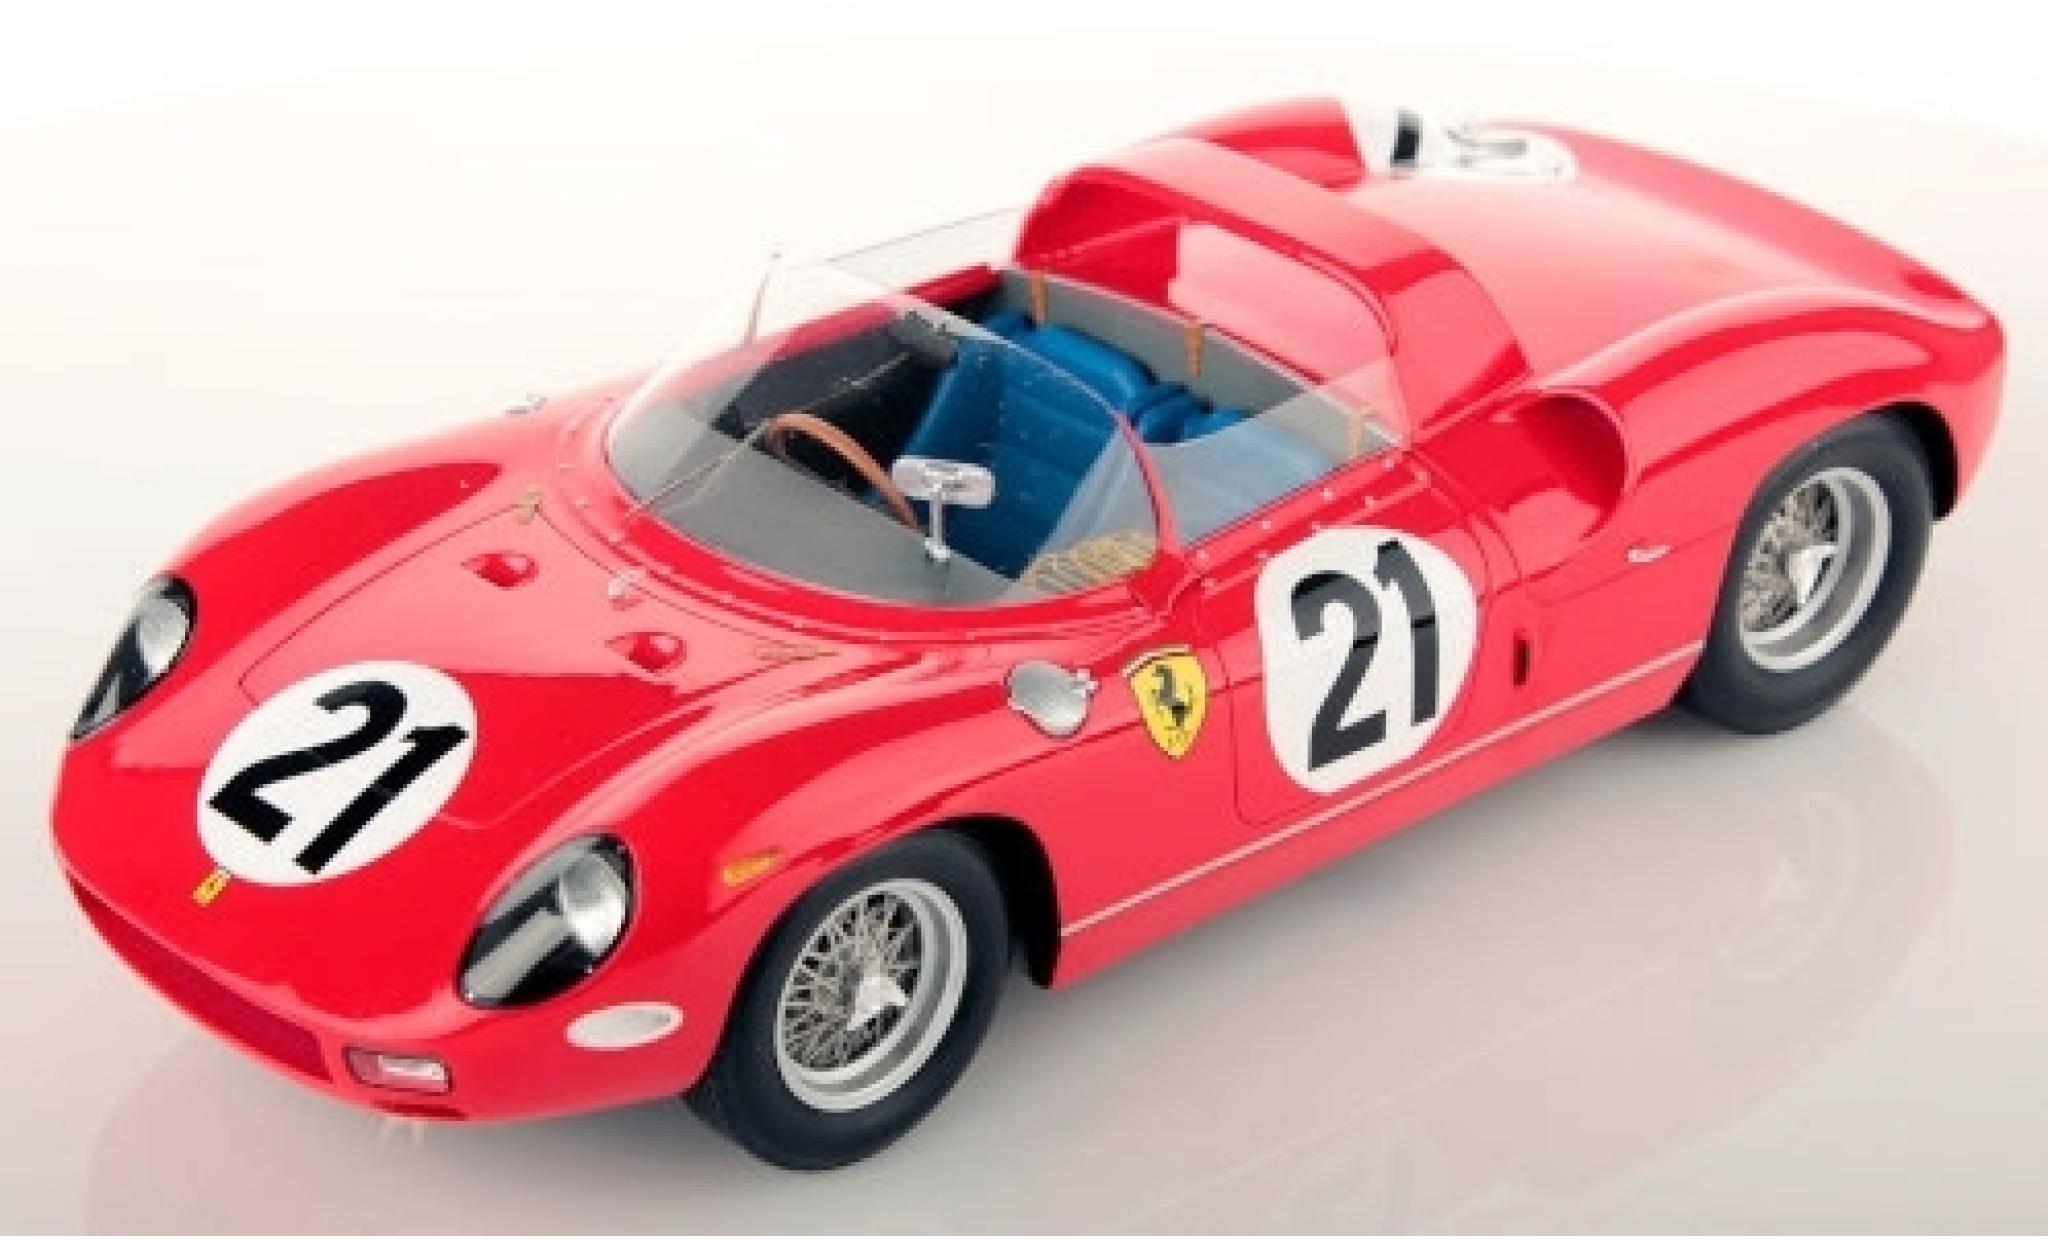 Ferrari 250 1/18 Look Smart P RHD No.21 Scuderia 24h Le Mans 1963 L.Scarfiotti/L.Bandini